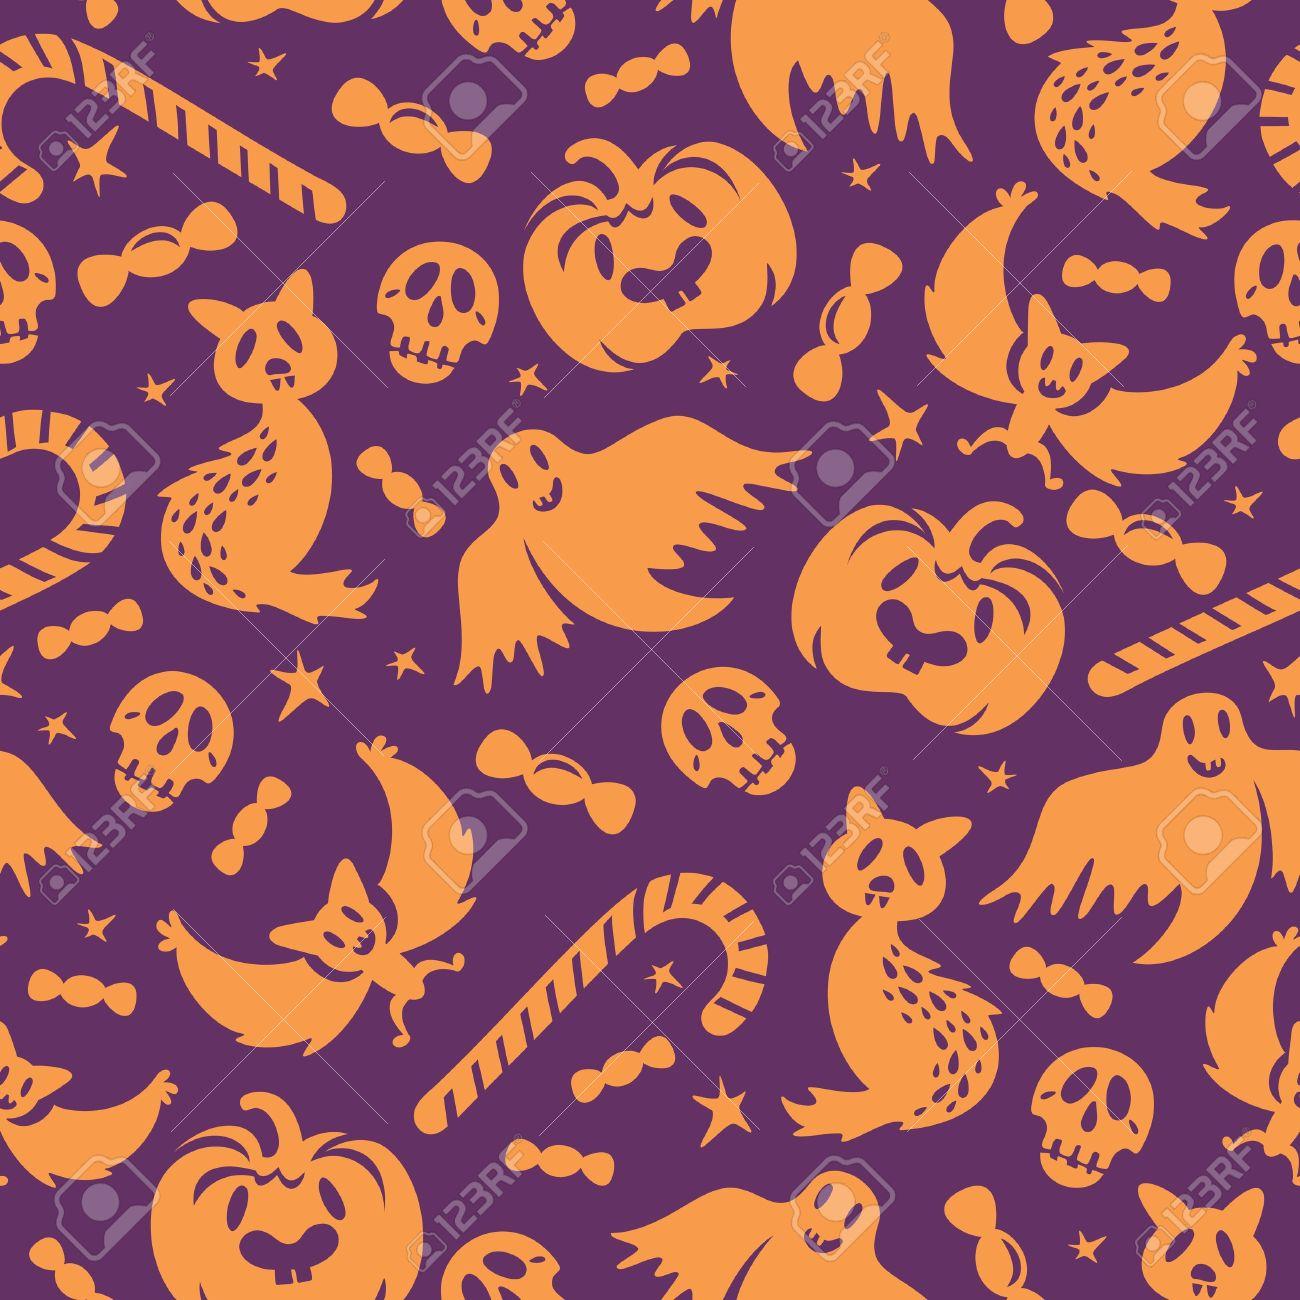 ハロウィーンのシームレスなパターン背景壁紙ベクトル イラストの